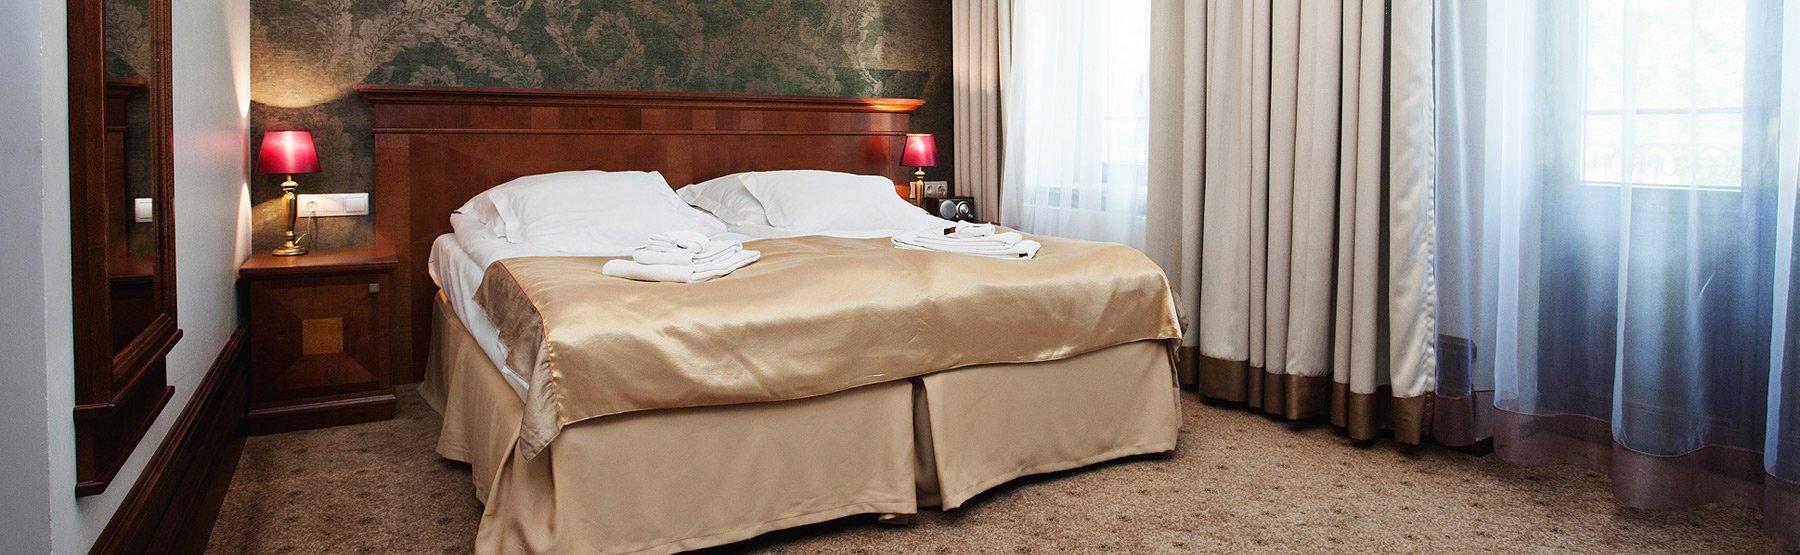 Hotel Suwałki Akvilon pokój dwuosobowy